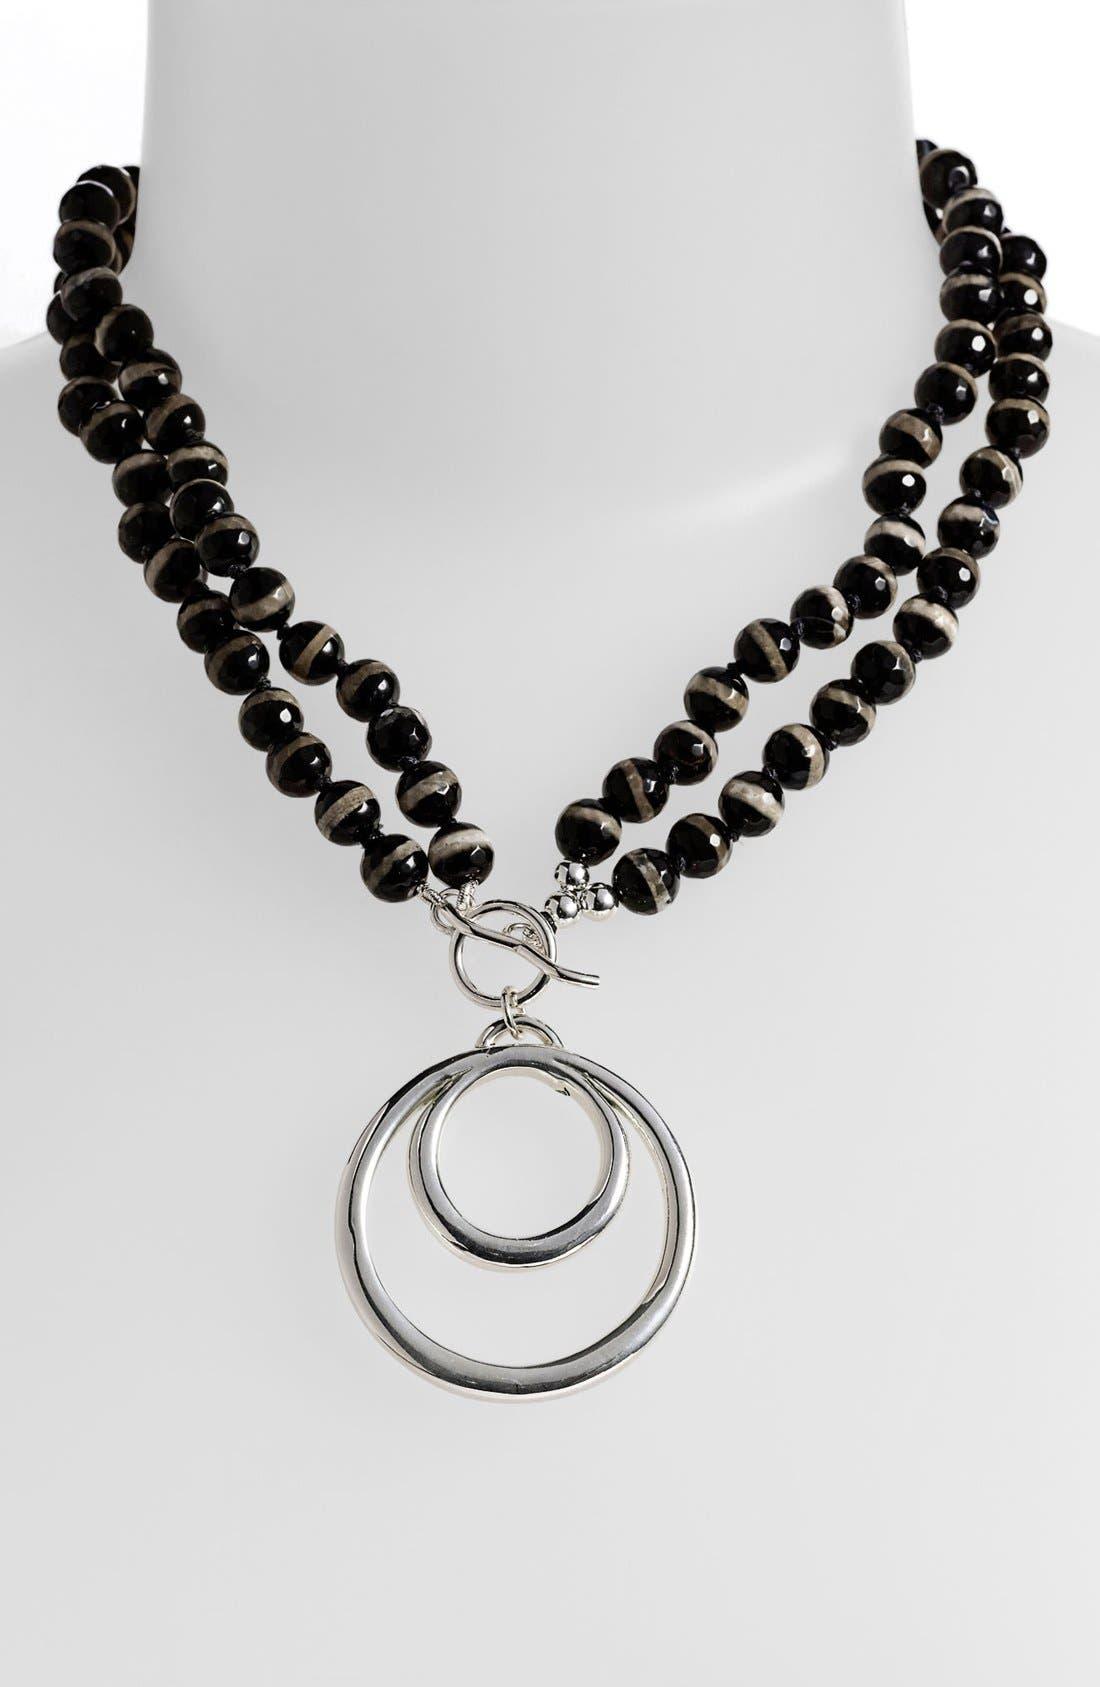 Alternate Image 1 Selected - Simon Sebbag 'Contemporary' Convertible Double Circle Pendant Necklace